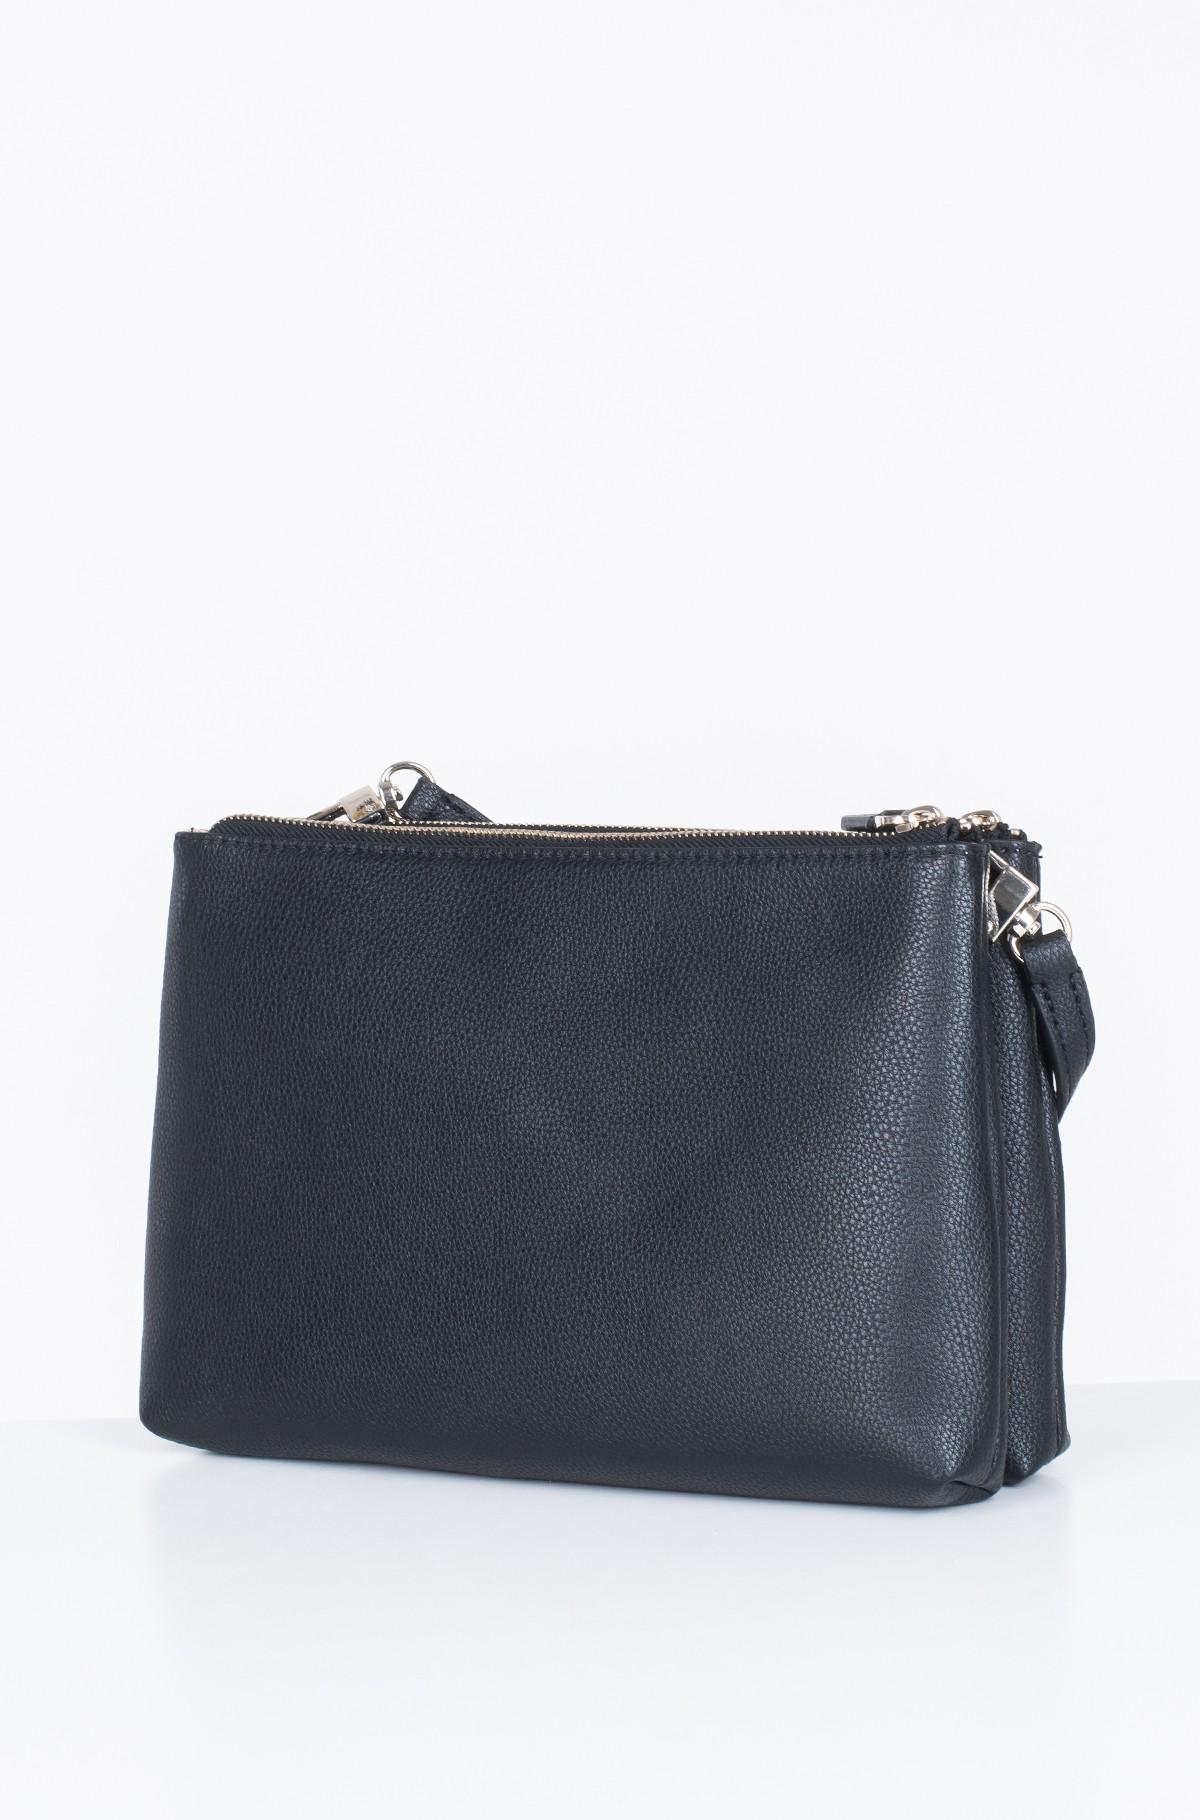 Shoulder bag HWVG75 84700-full-2